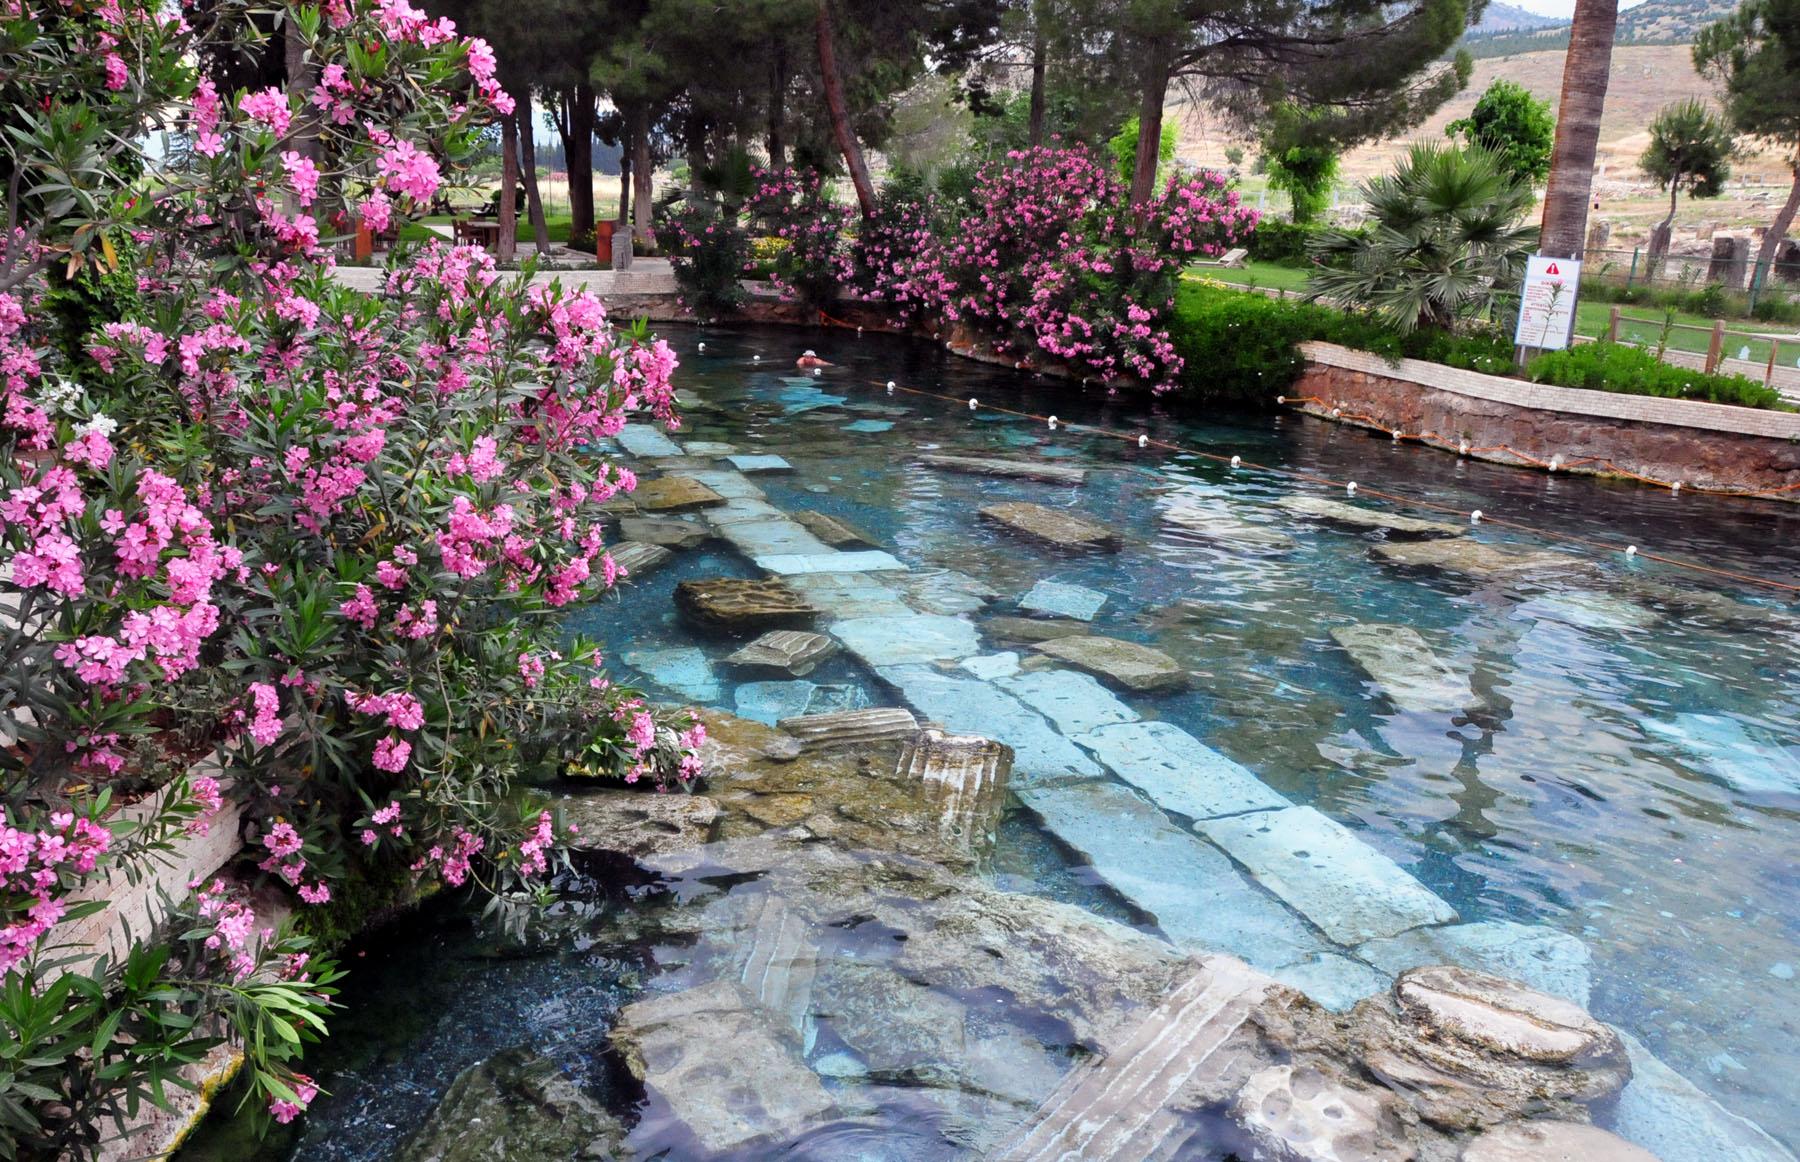 Blog soloscatto blog archive hierapolis - Cascate per piscine ...